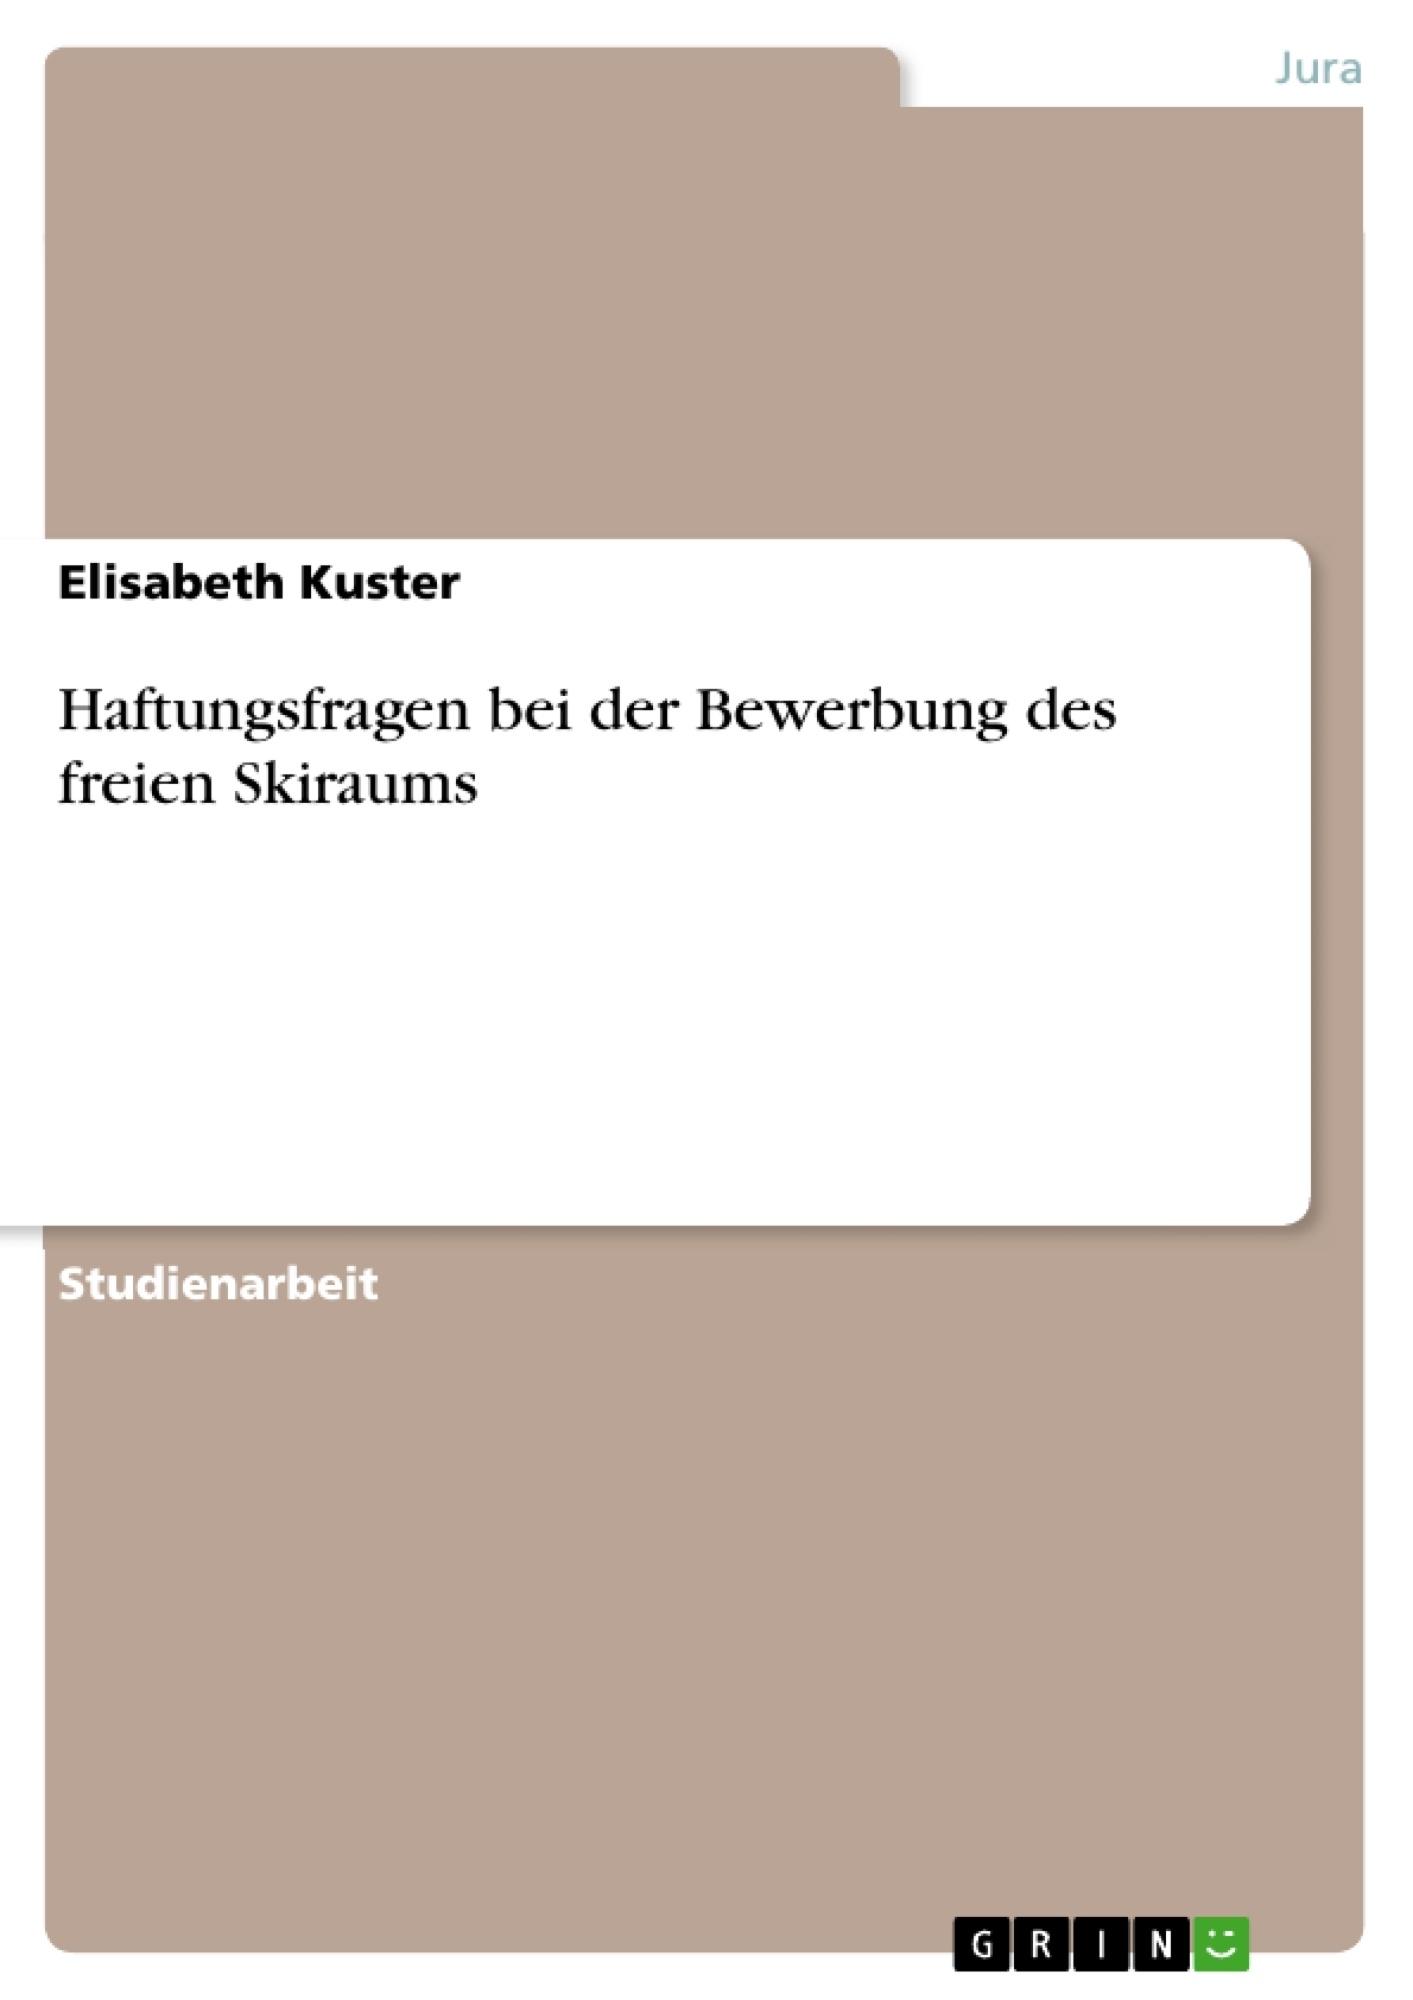 Titel: Haftungsfragen bei der Bewerbung des freien Skiraums